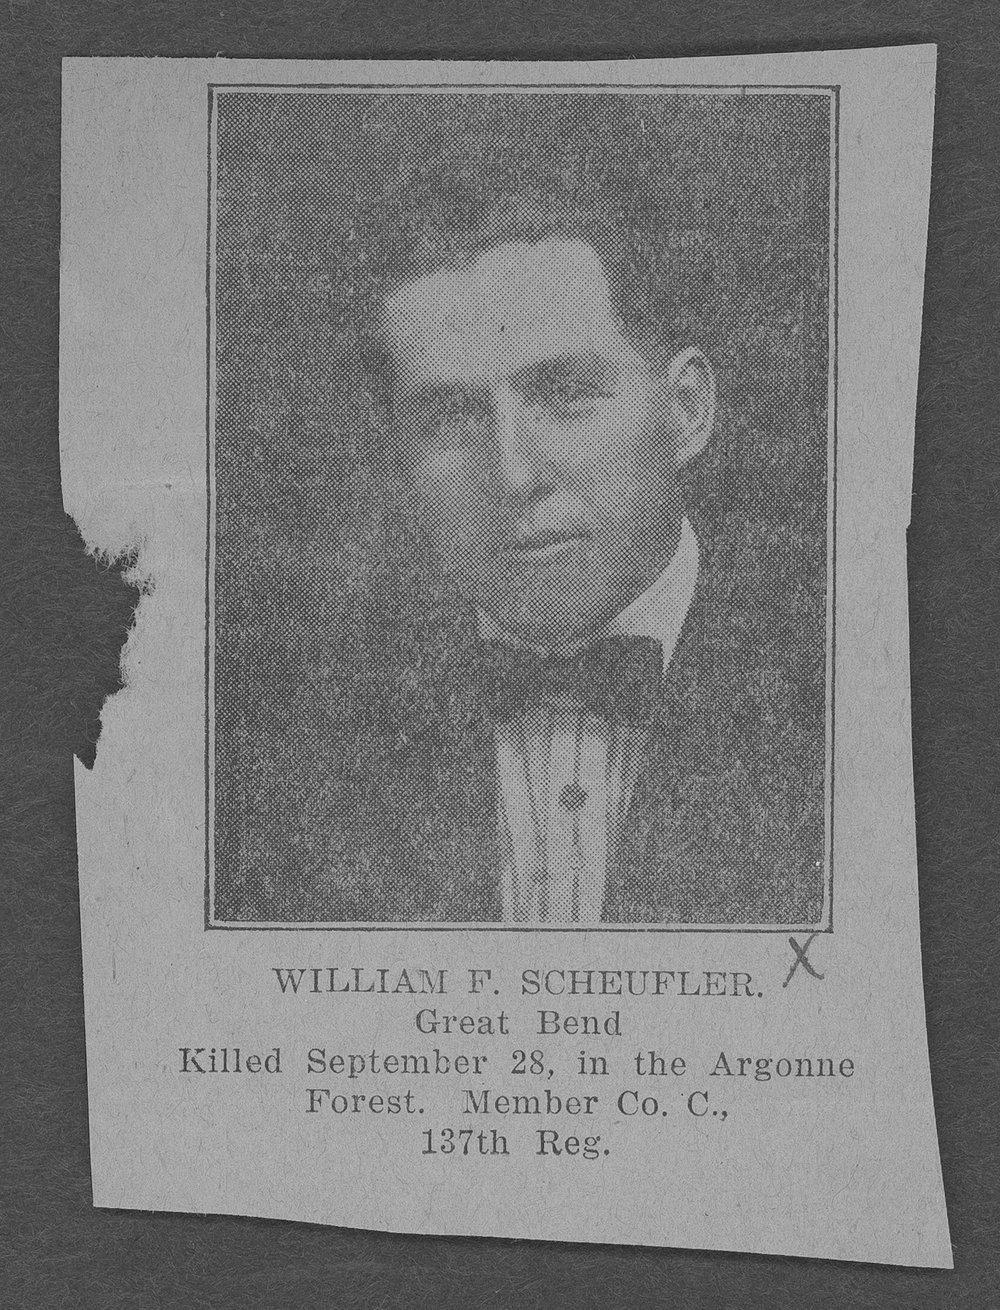 William F. Scheufler, World War I soldier - 3